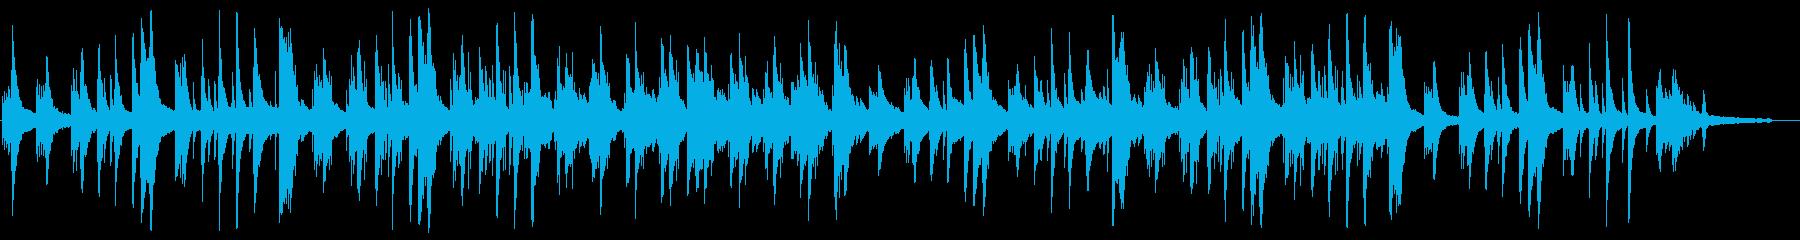 切ないピアノのチルアウト、Lofiの再生済みの波形